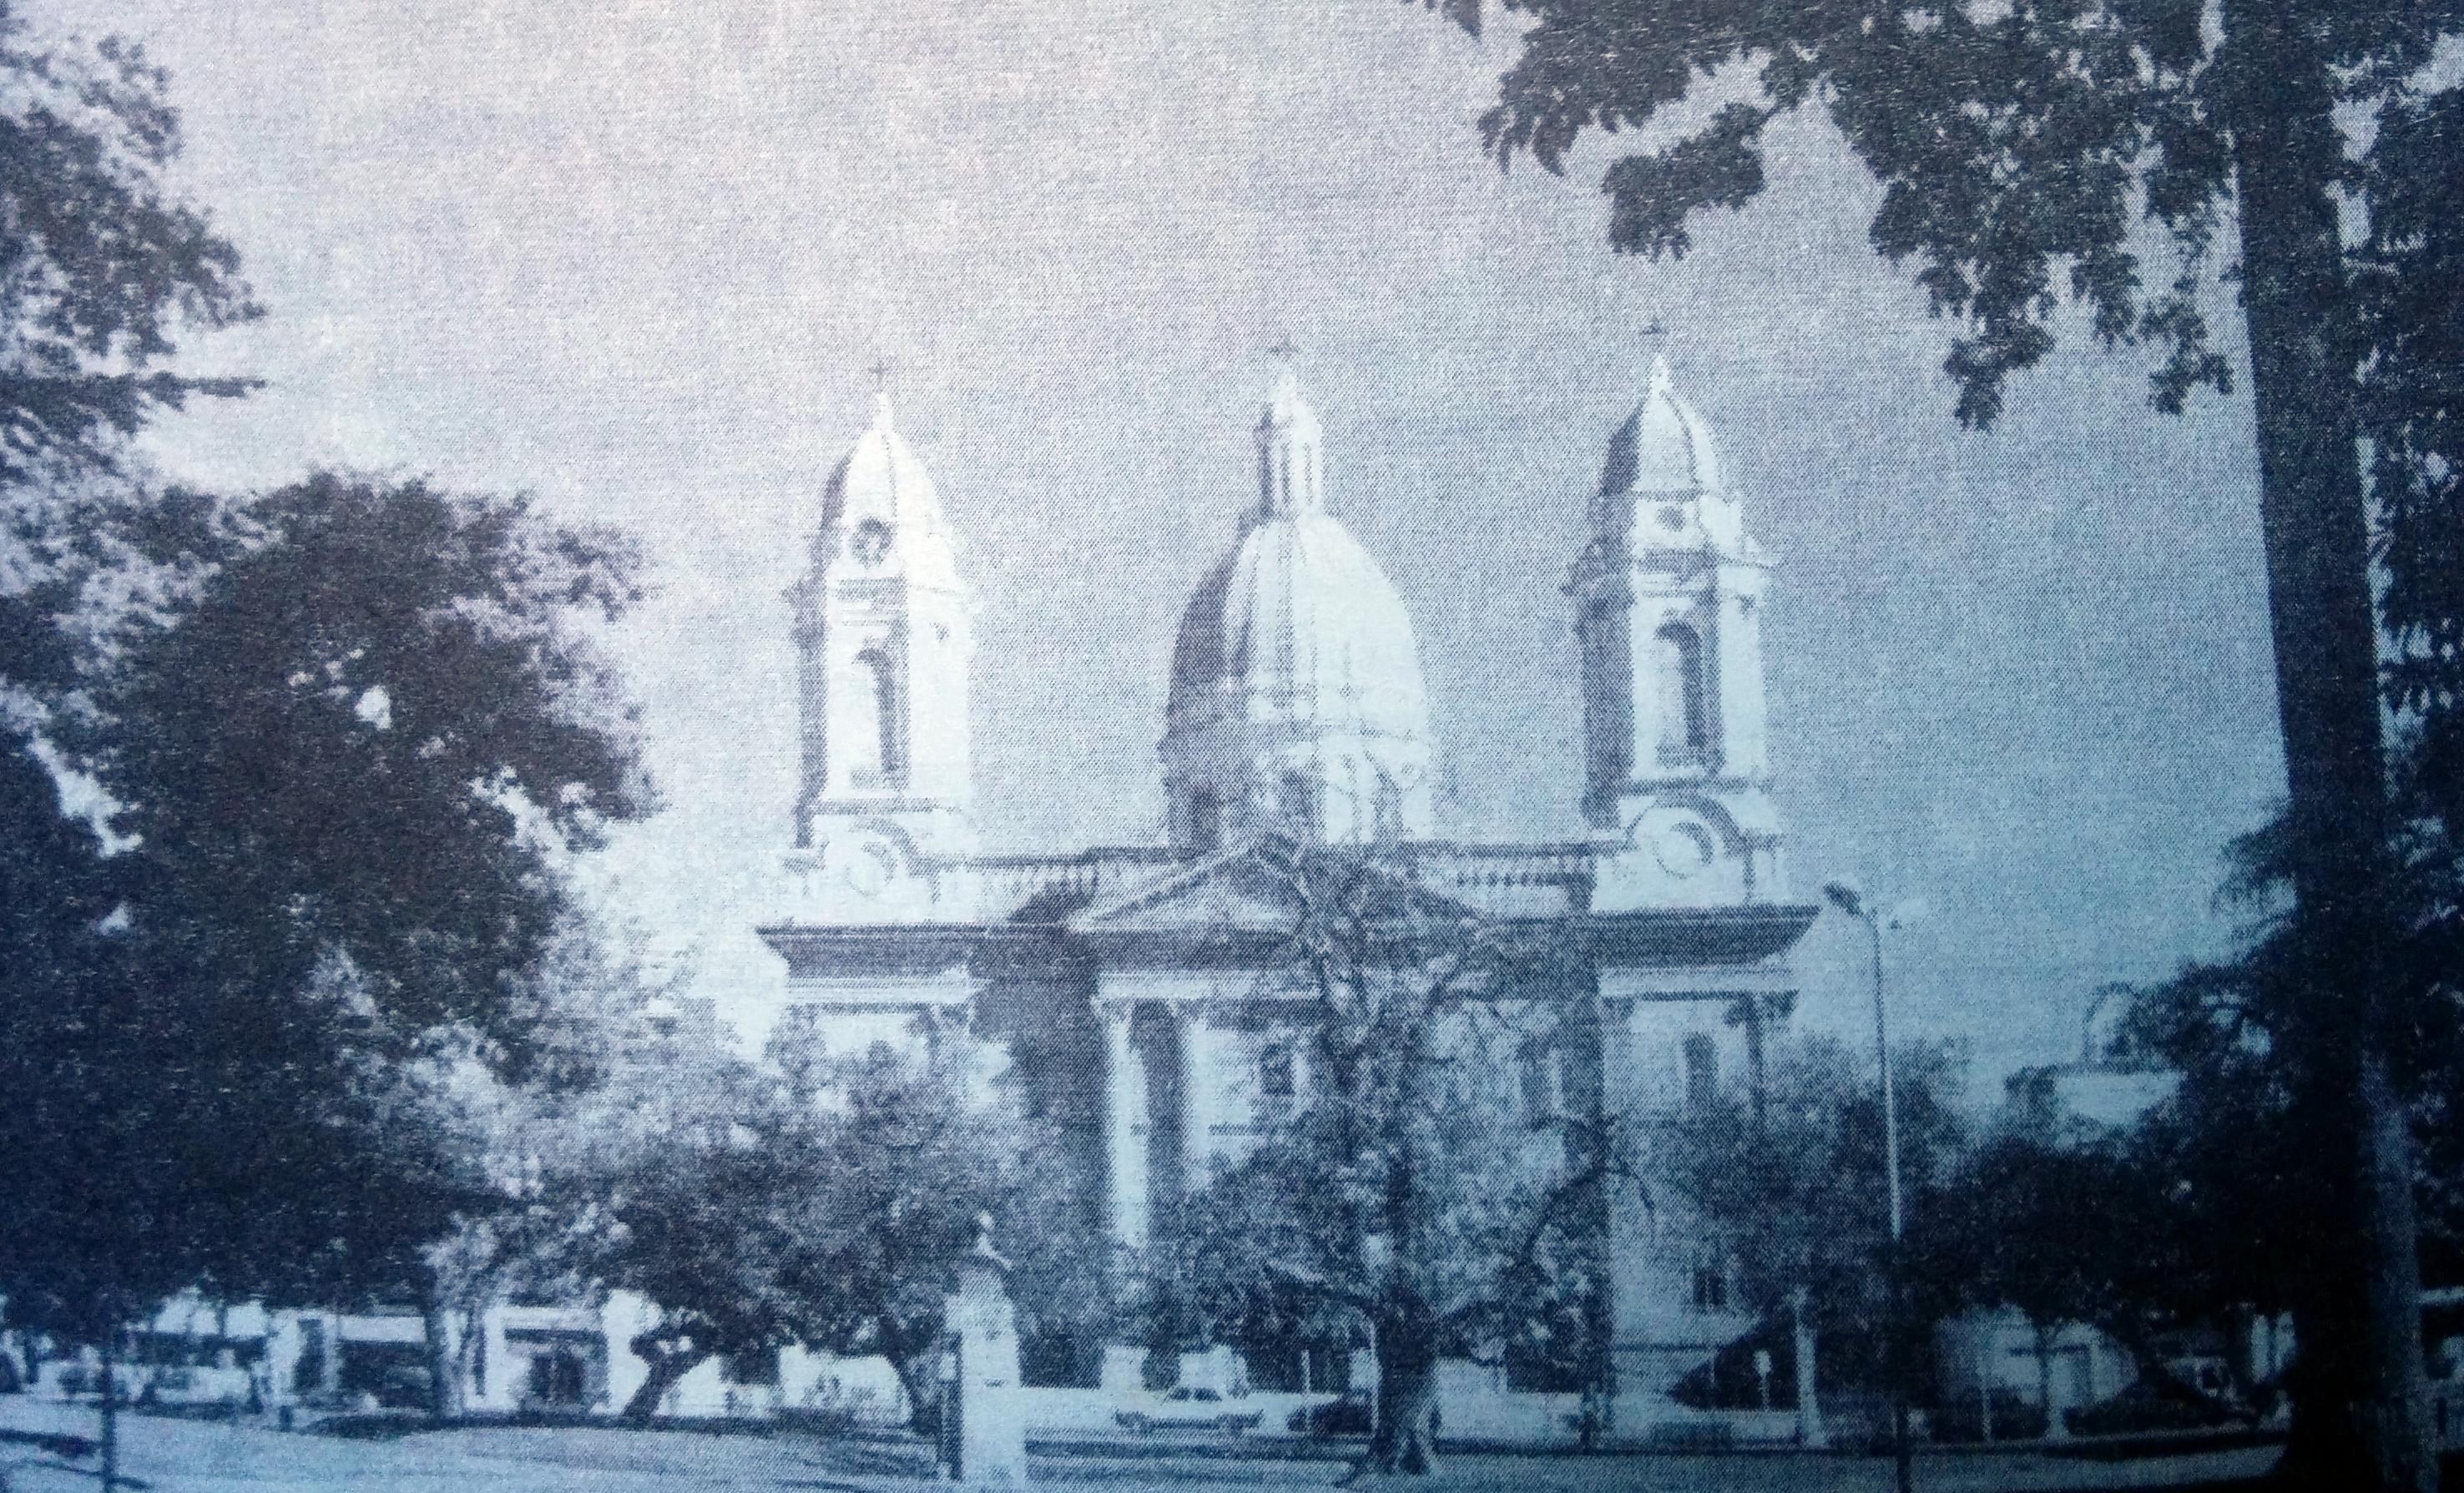 Templo mayor de Nuestra Señora de Rosario, donde descansan, desde el 21 de julio de 2001, los restos de Monseñor Dr. Vicente Oscar Vetrano.